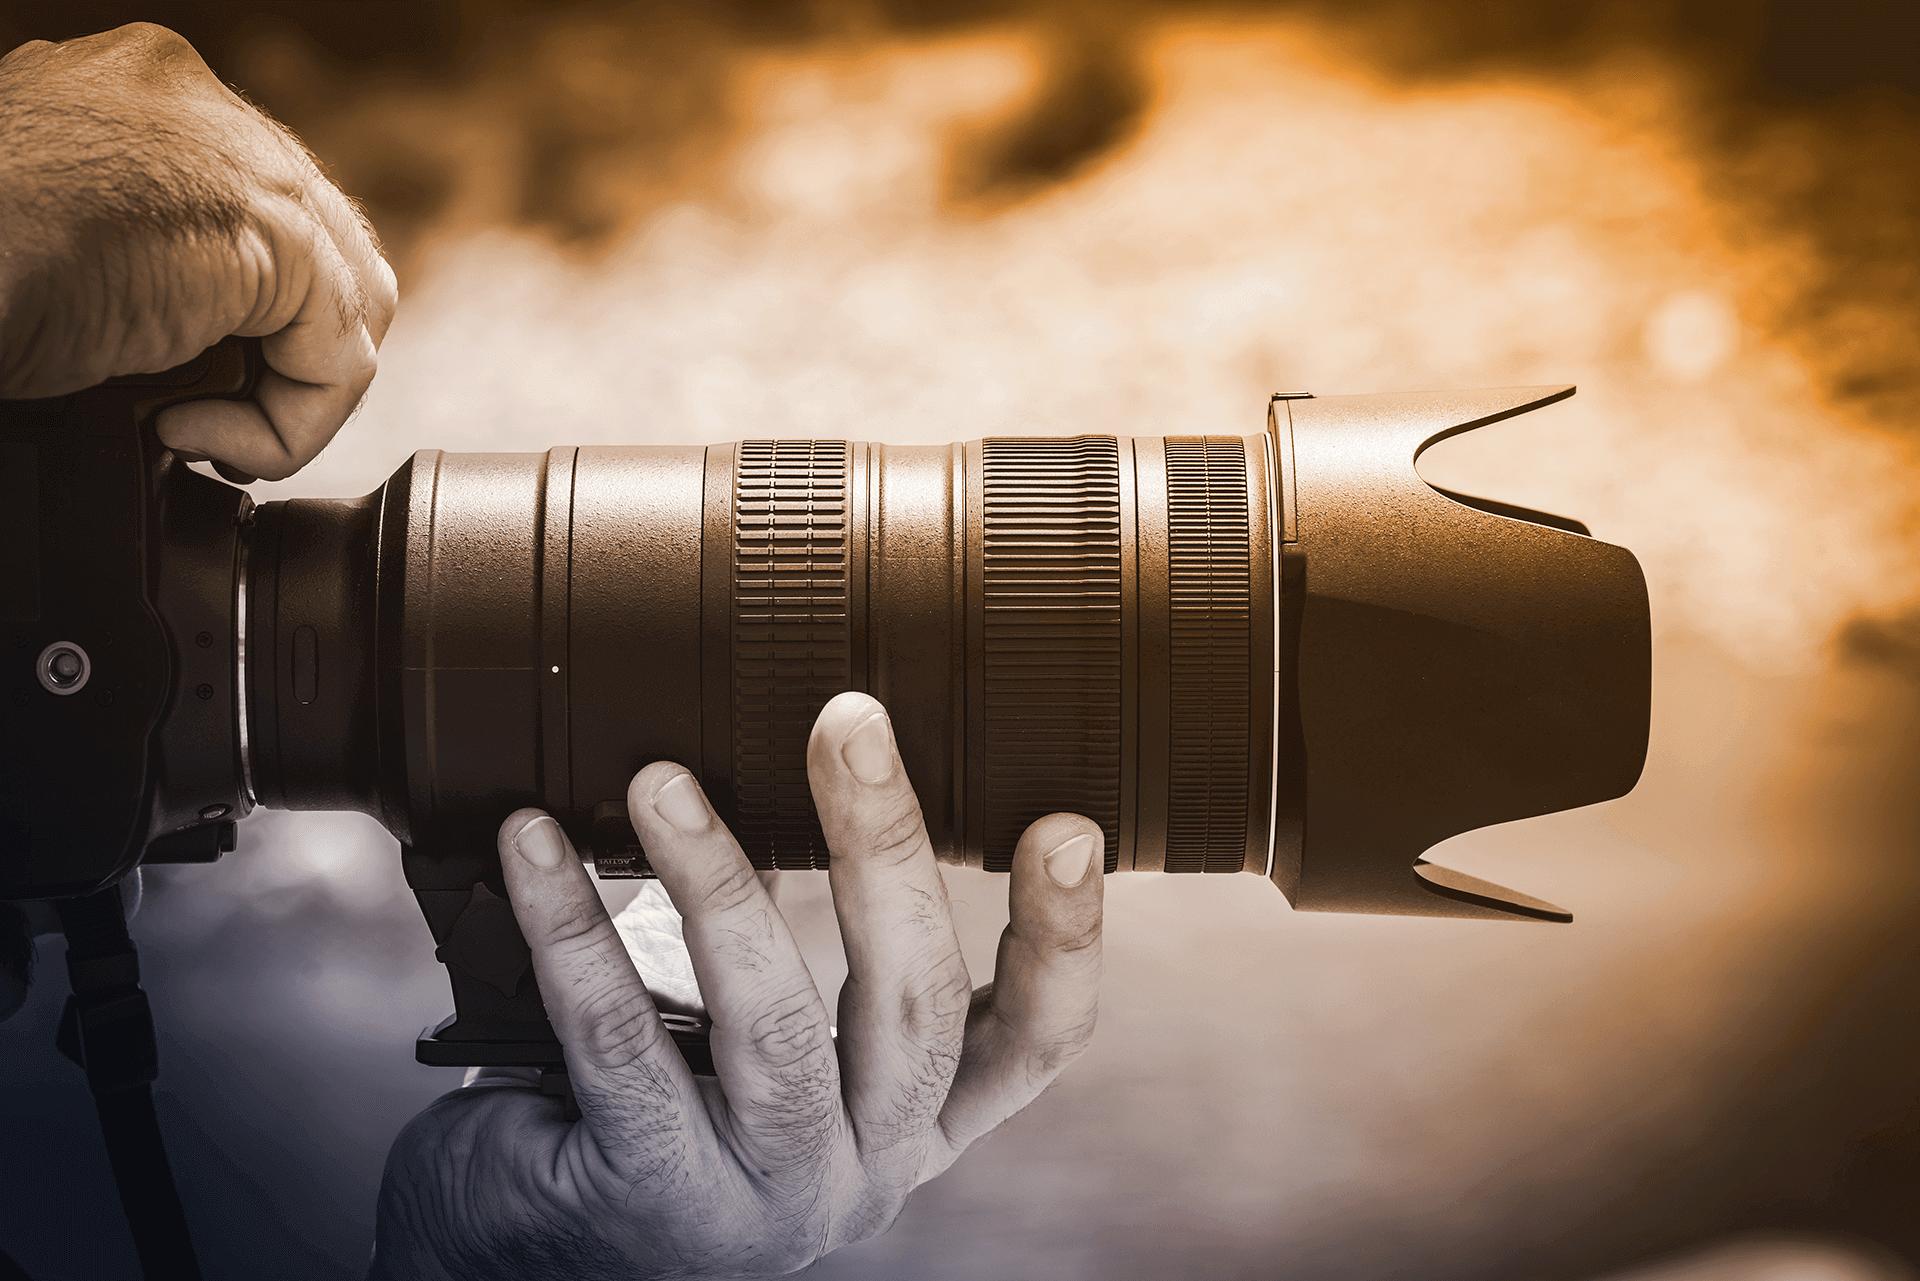 I CONCURSO FOTOGRAFIA 2021 | ENTREGA DE TRABALHOS